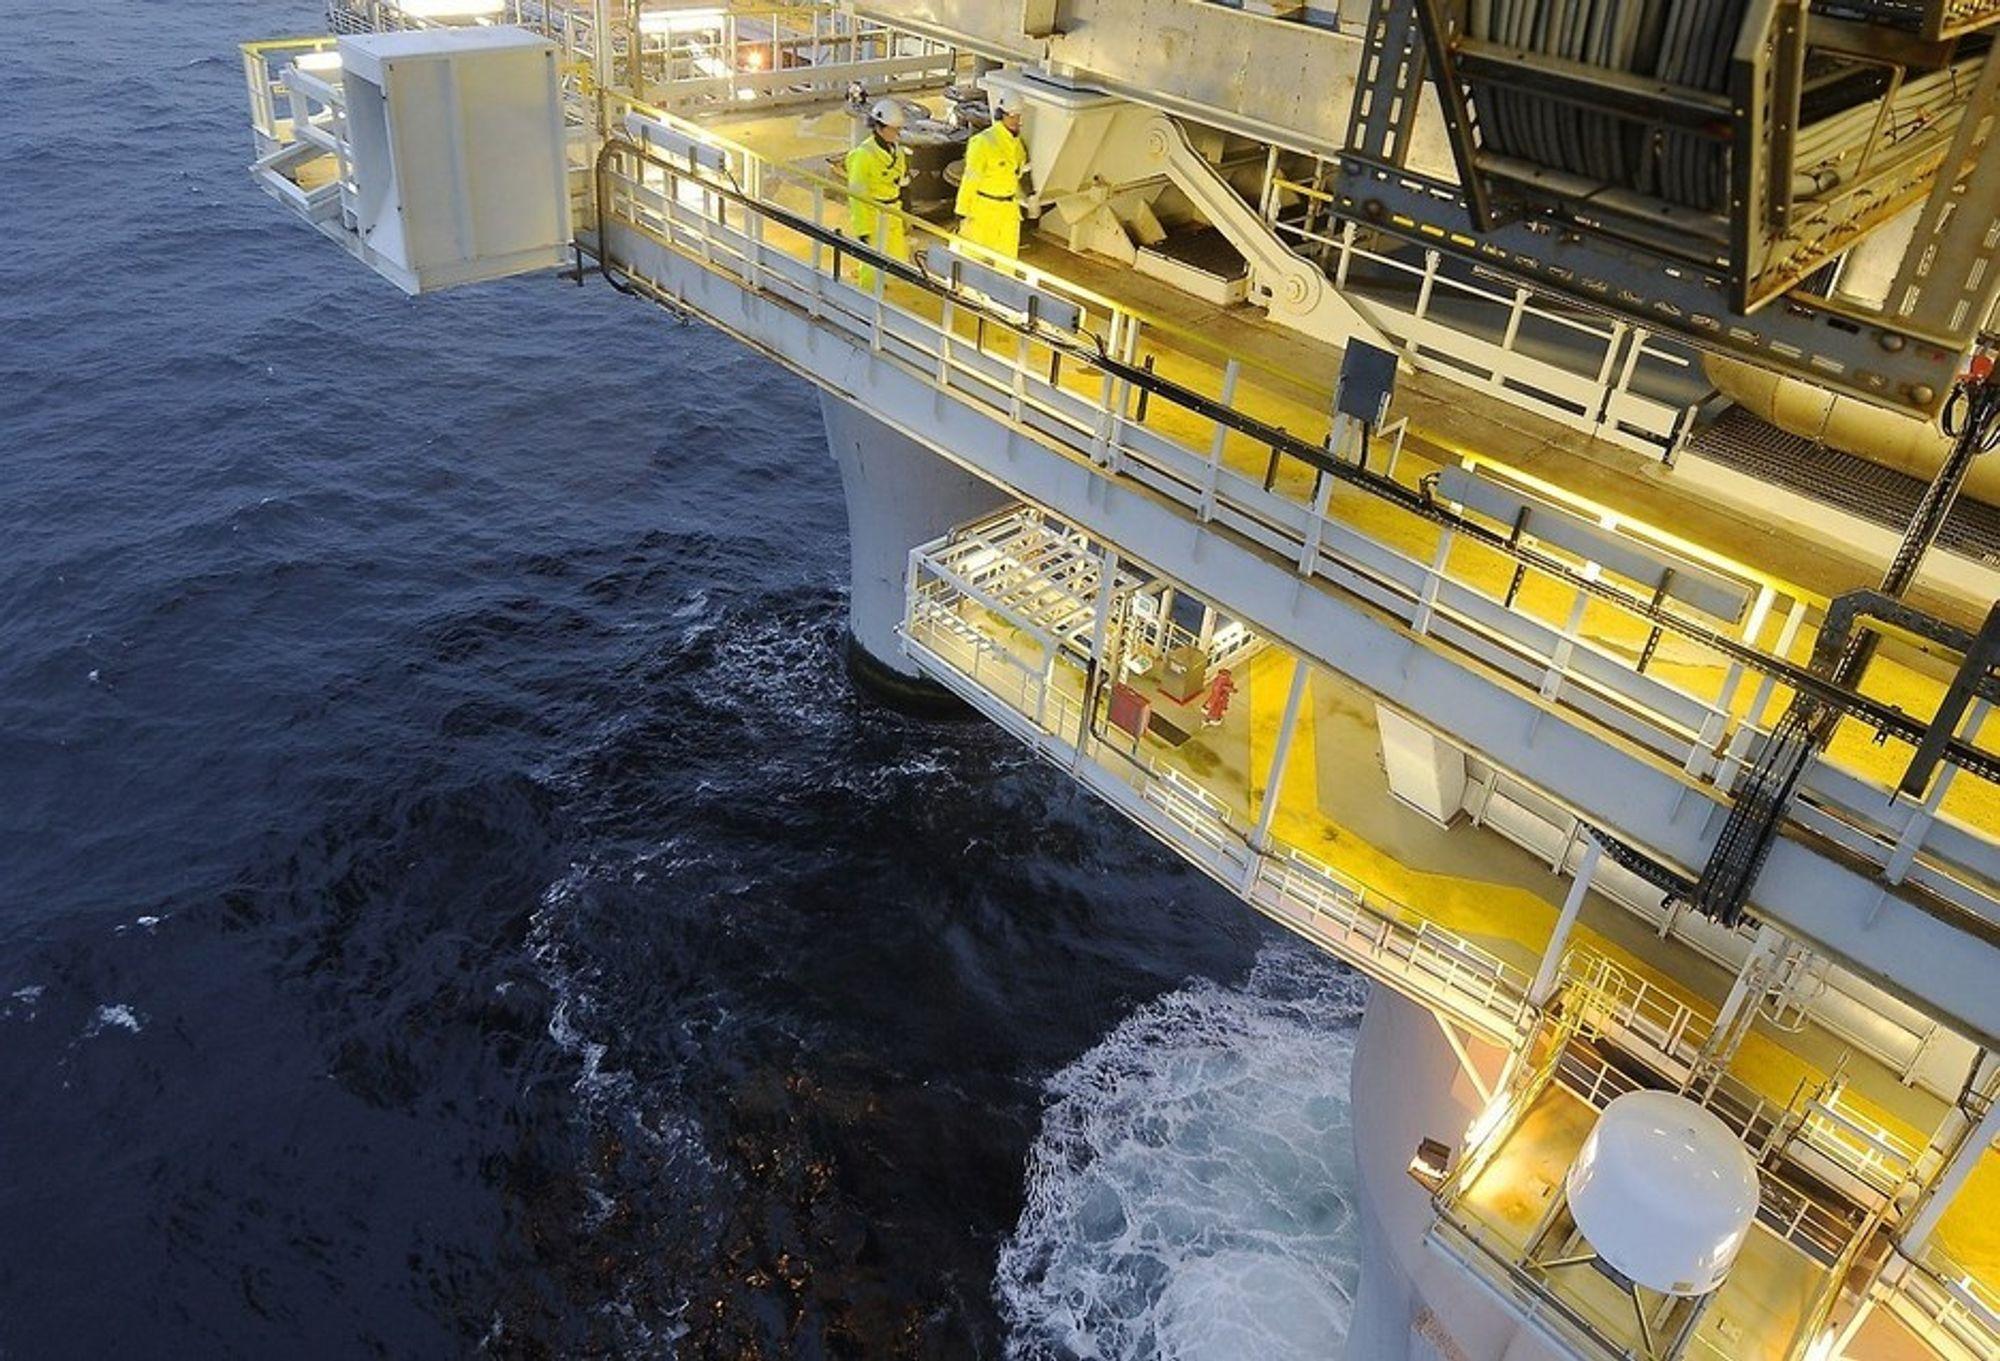 Offshoreleverandørene ser behov for å organisere seg, etter at de blant annet mener de må påta seg mer og mer ansvar for mindre kontrakter.